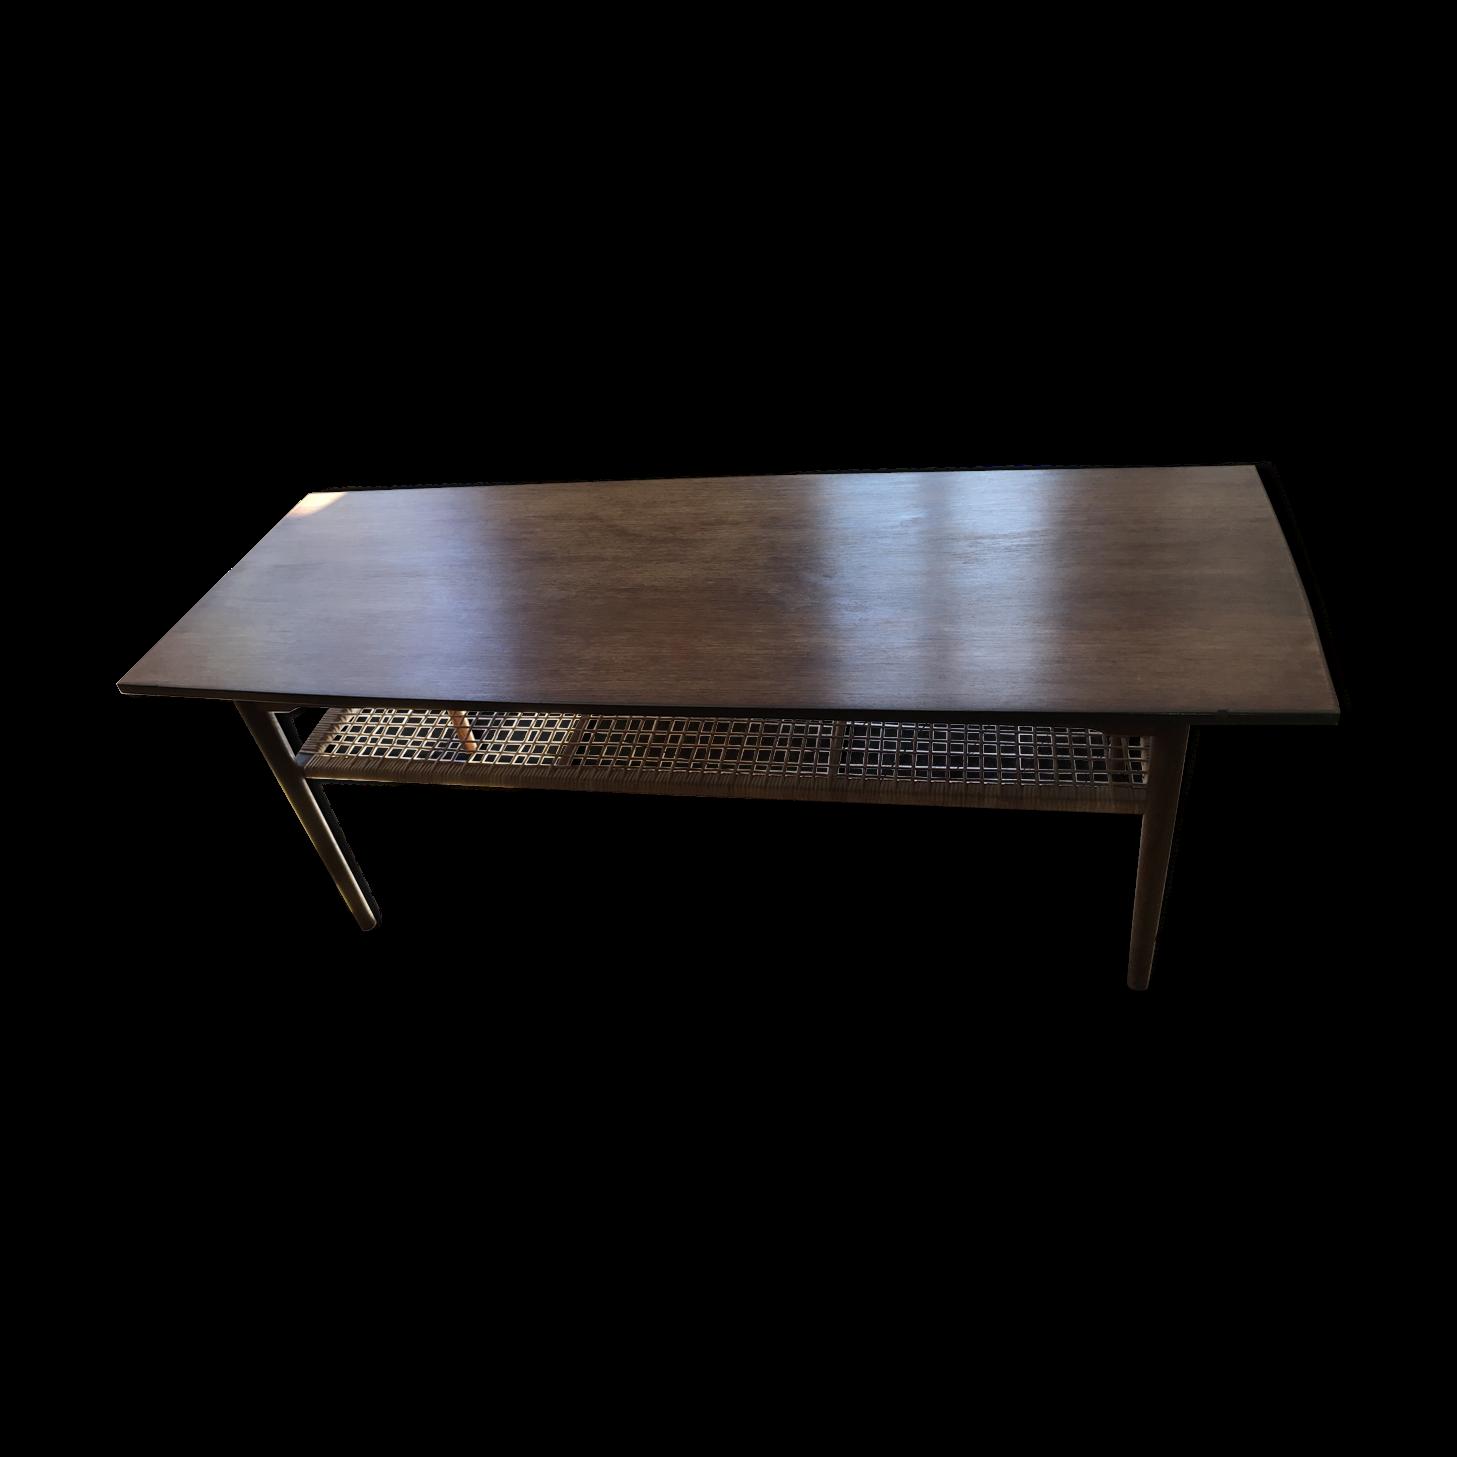 table basse vintage scandinave best table basse vintage. Black Bedroom Furniture Sets. Home Design Ideas